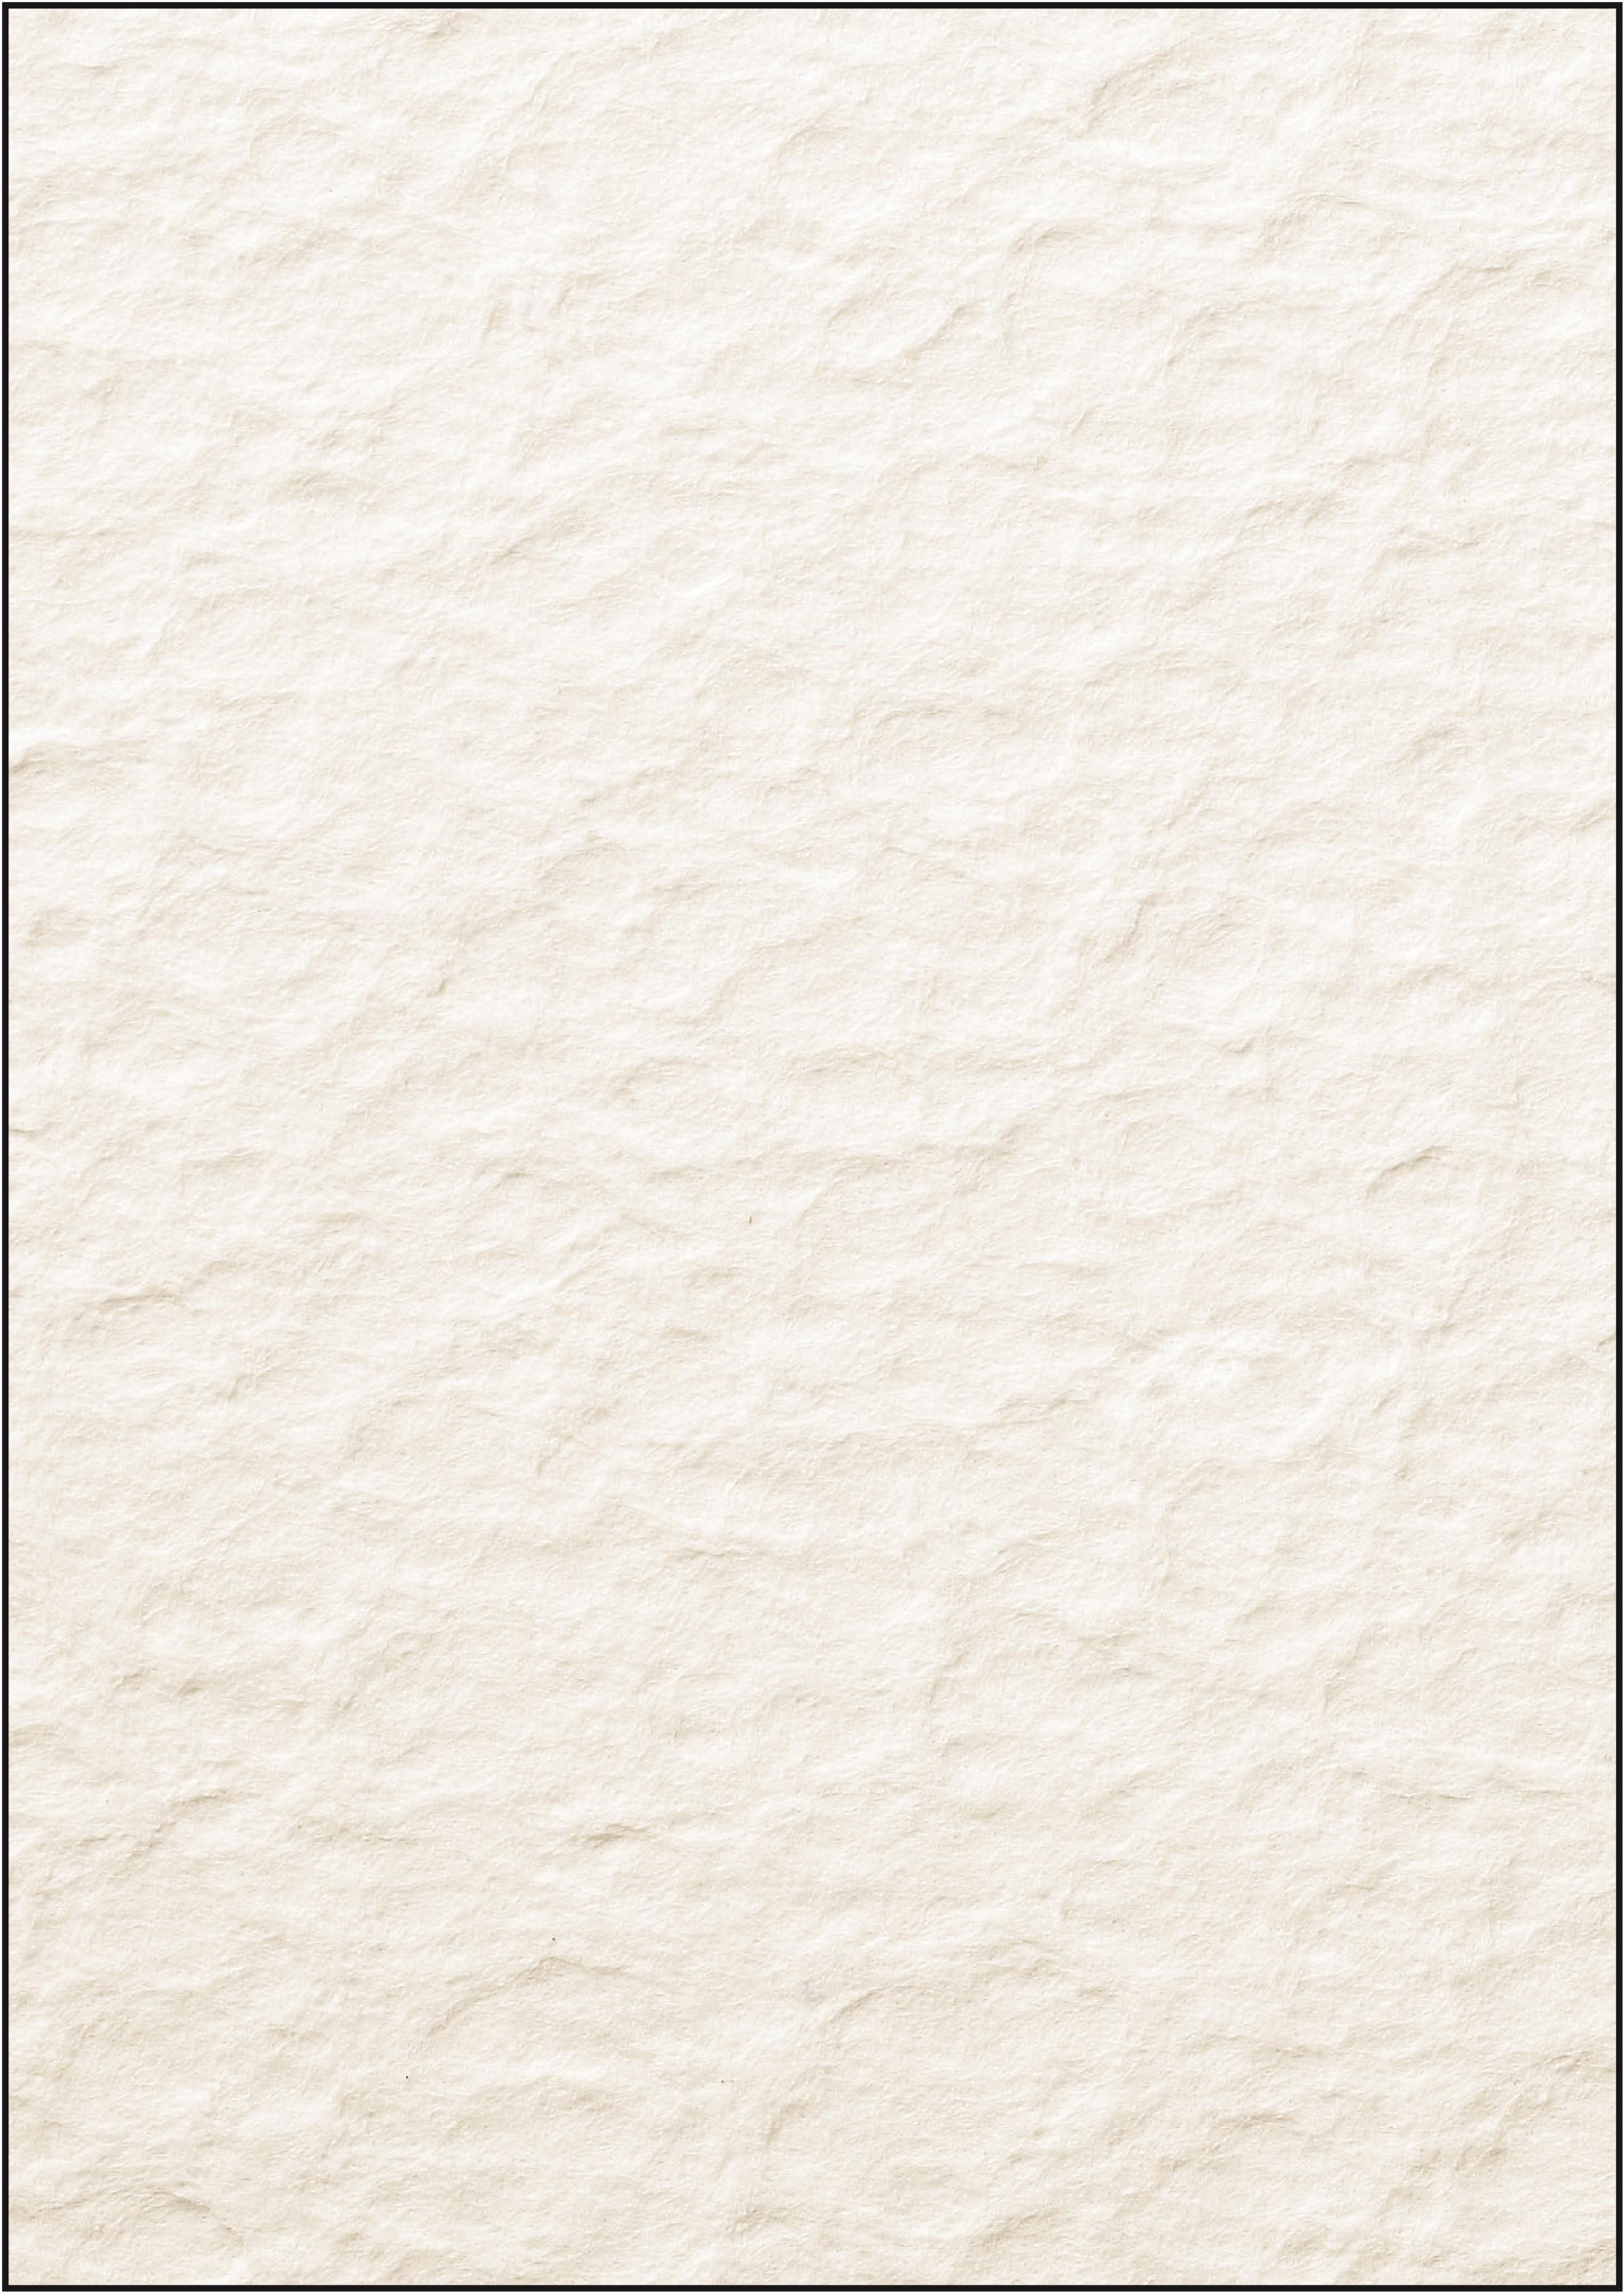 Papier créatif effet papyrus